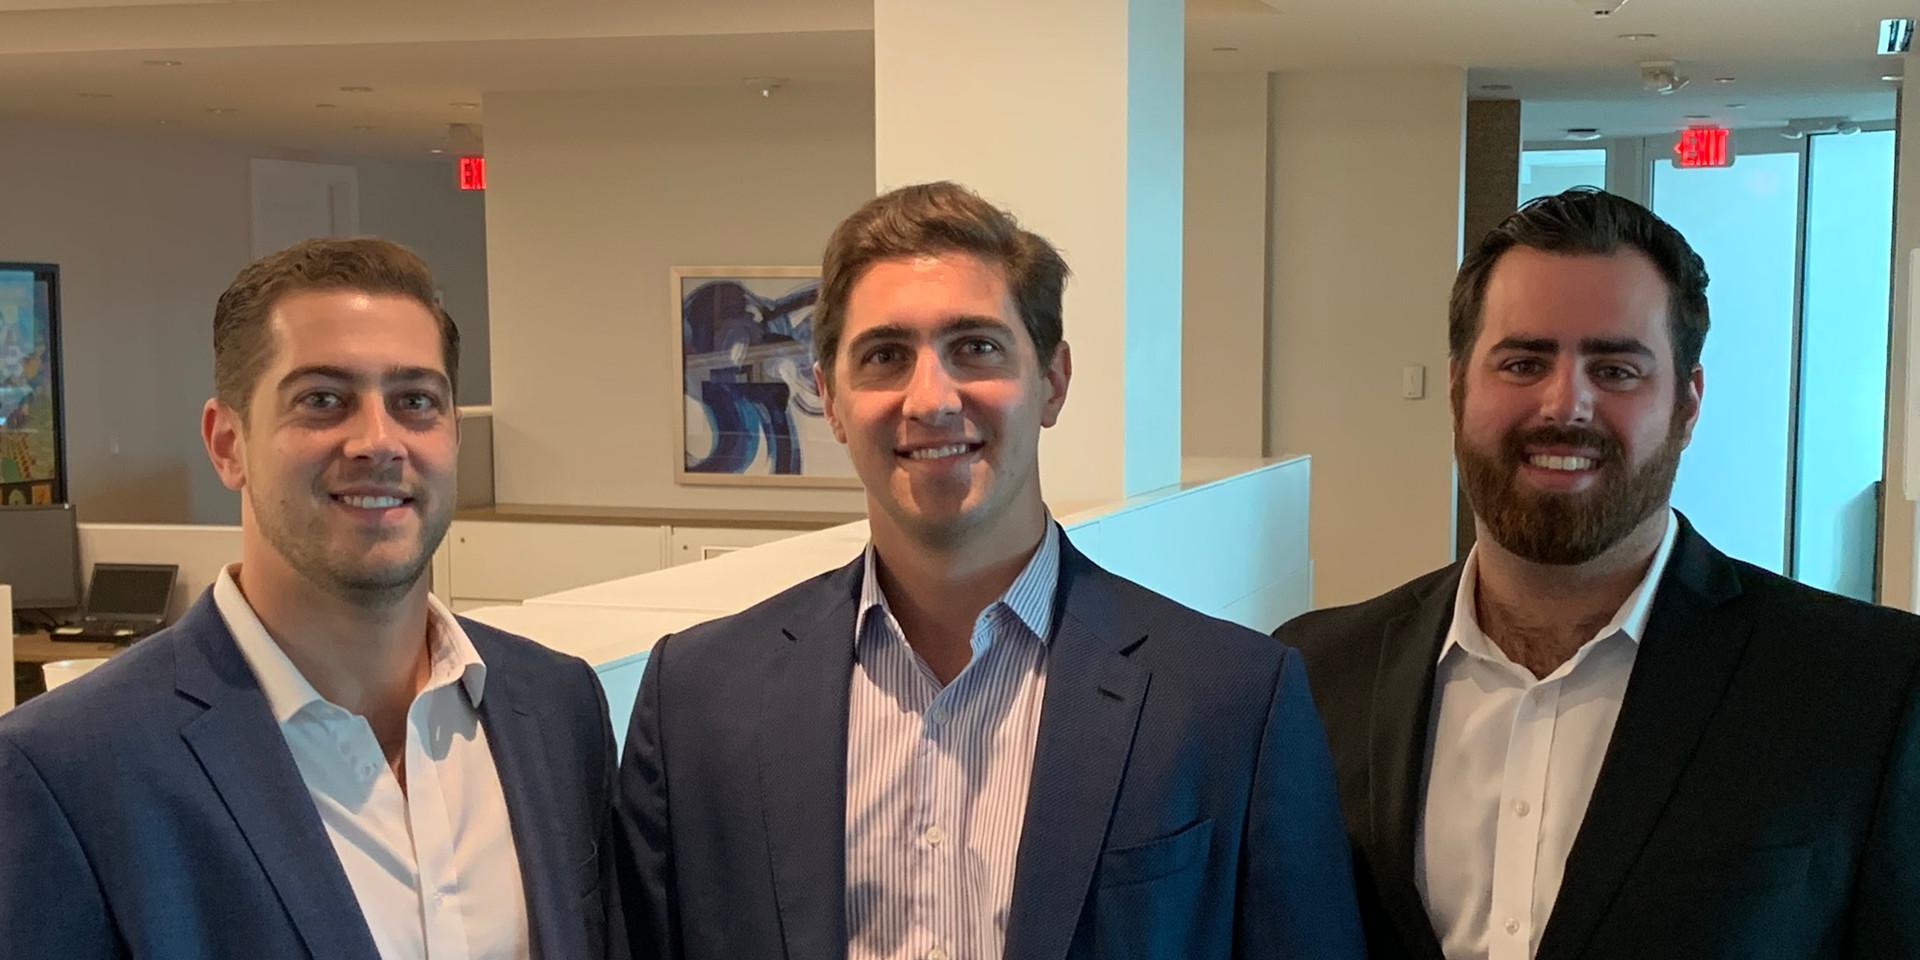 Frank Carreras, Jr., Magin Carreras and Friend